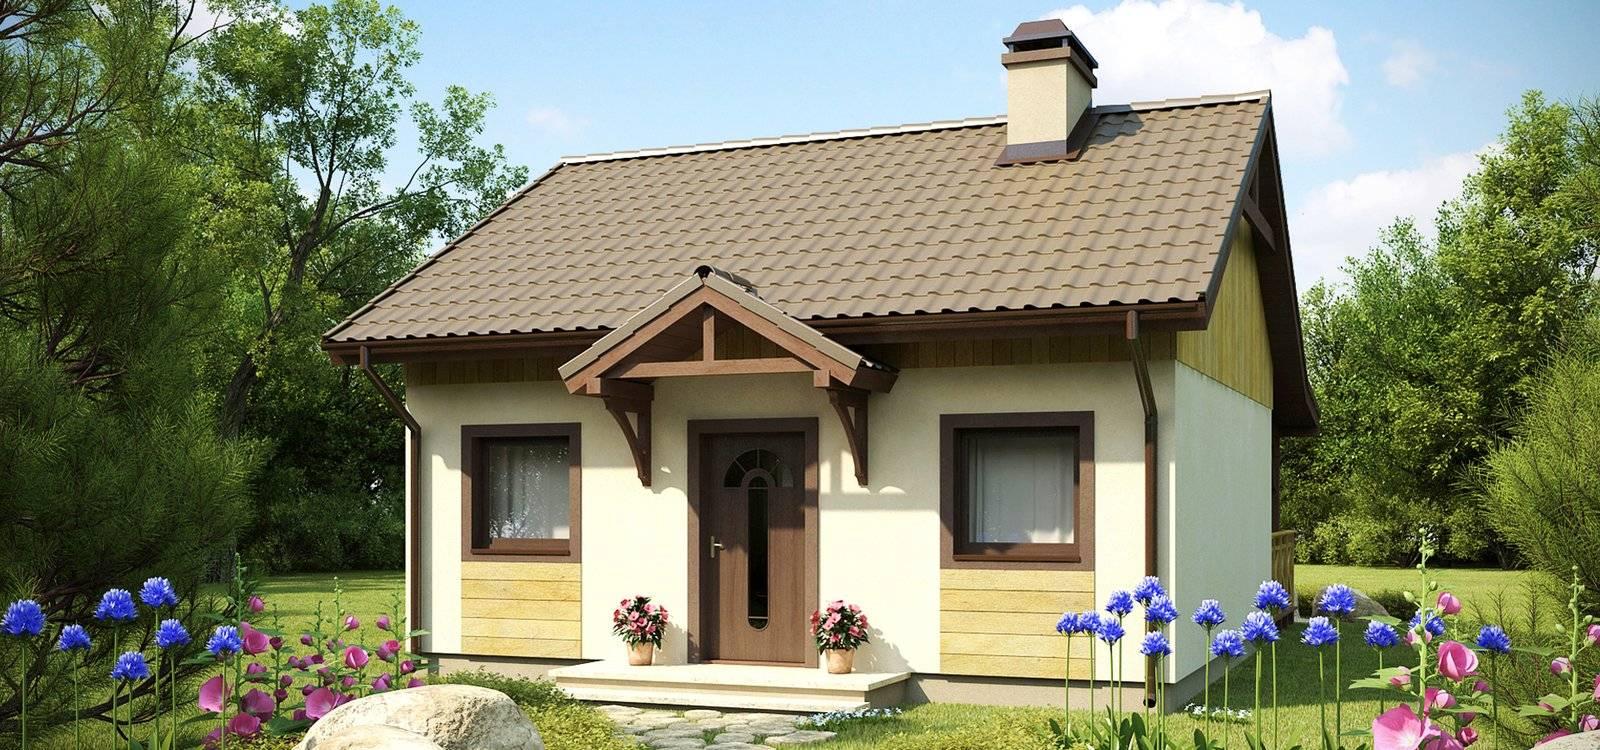 Материал для отделки фасада деревянного дома